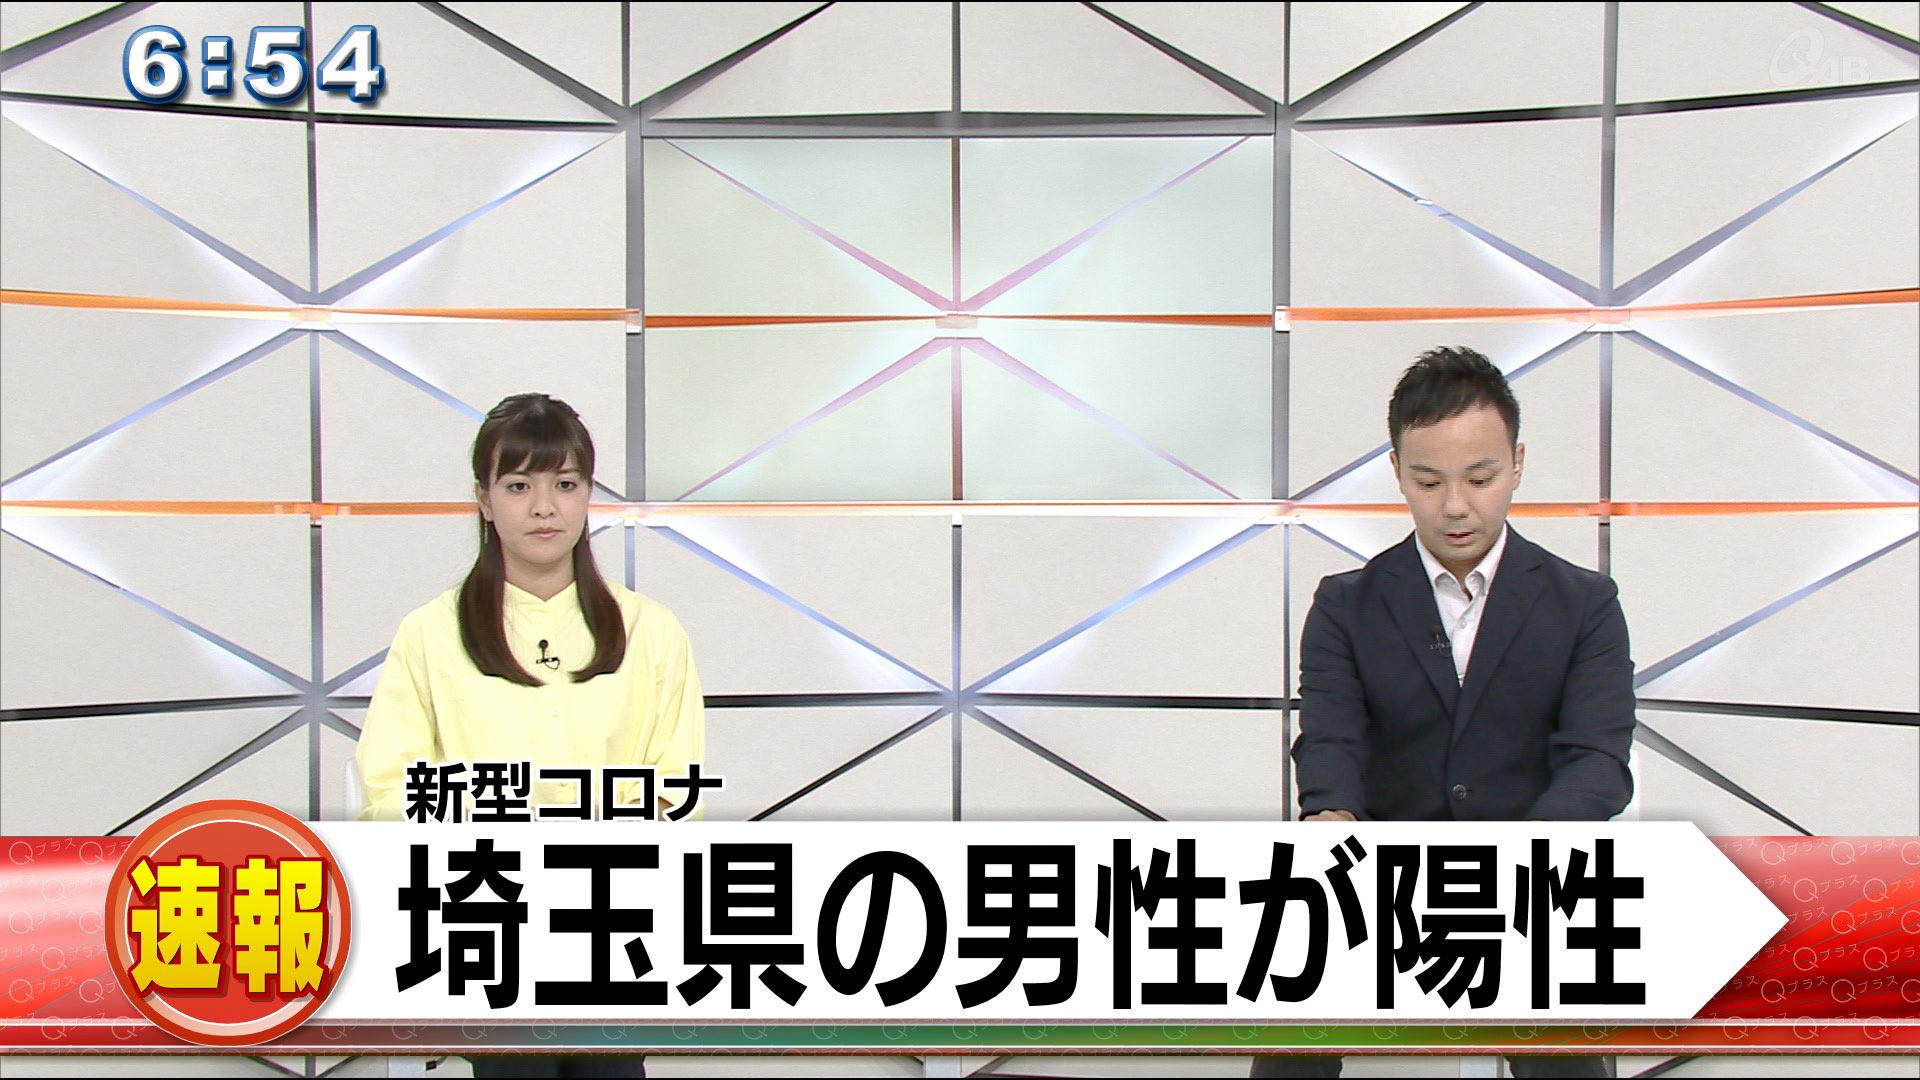 新規感染者 埼玉から来県の30代男性が陽性